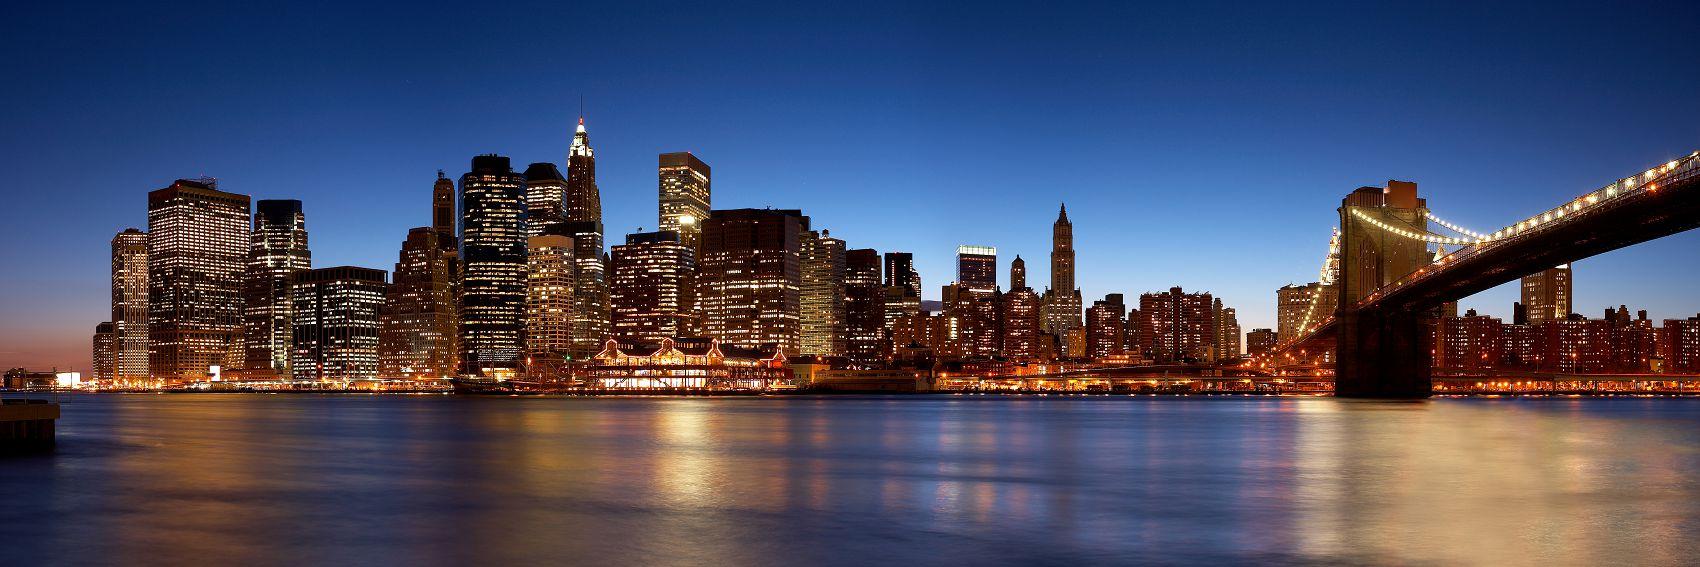 Нью-Йорк вечером